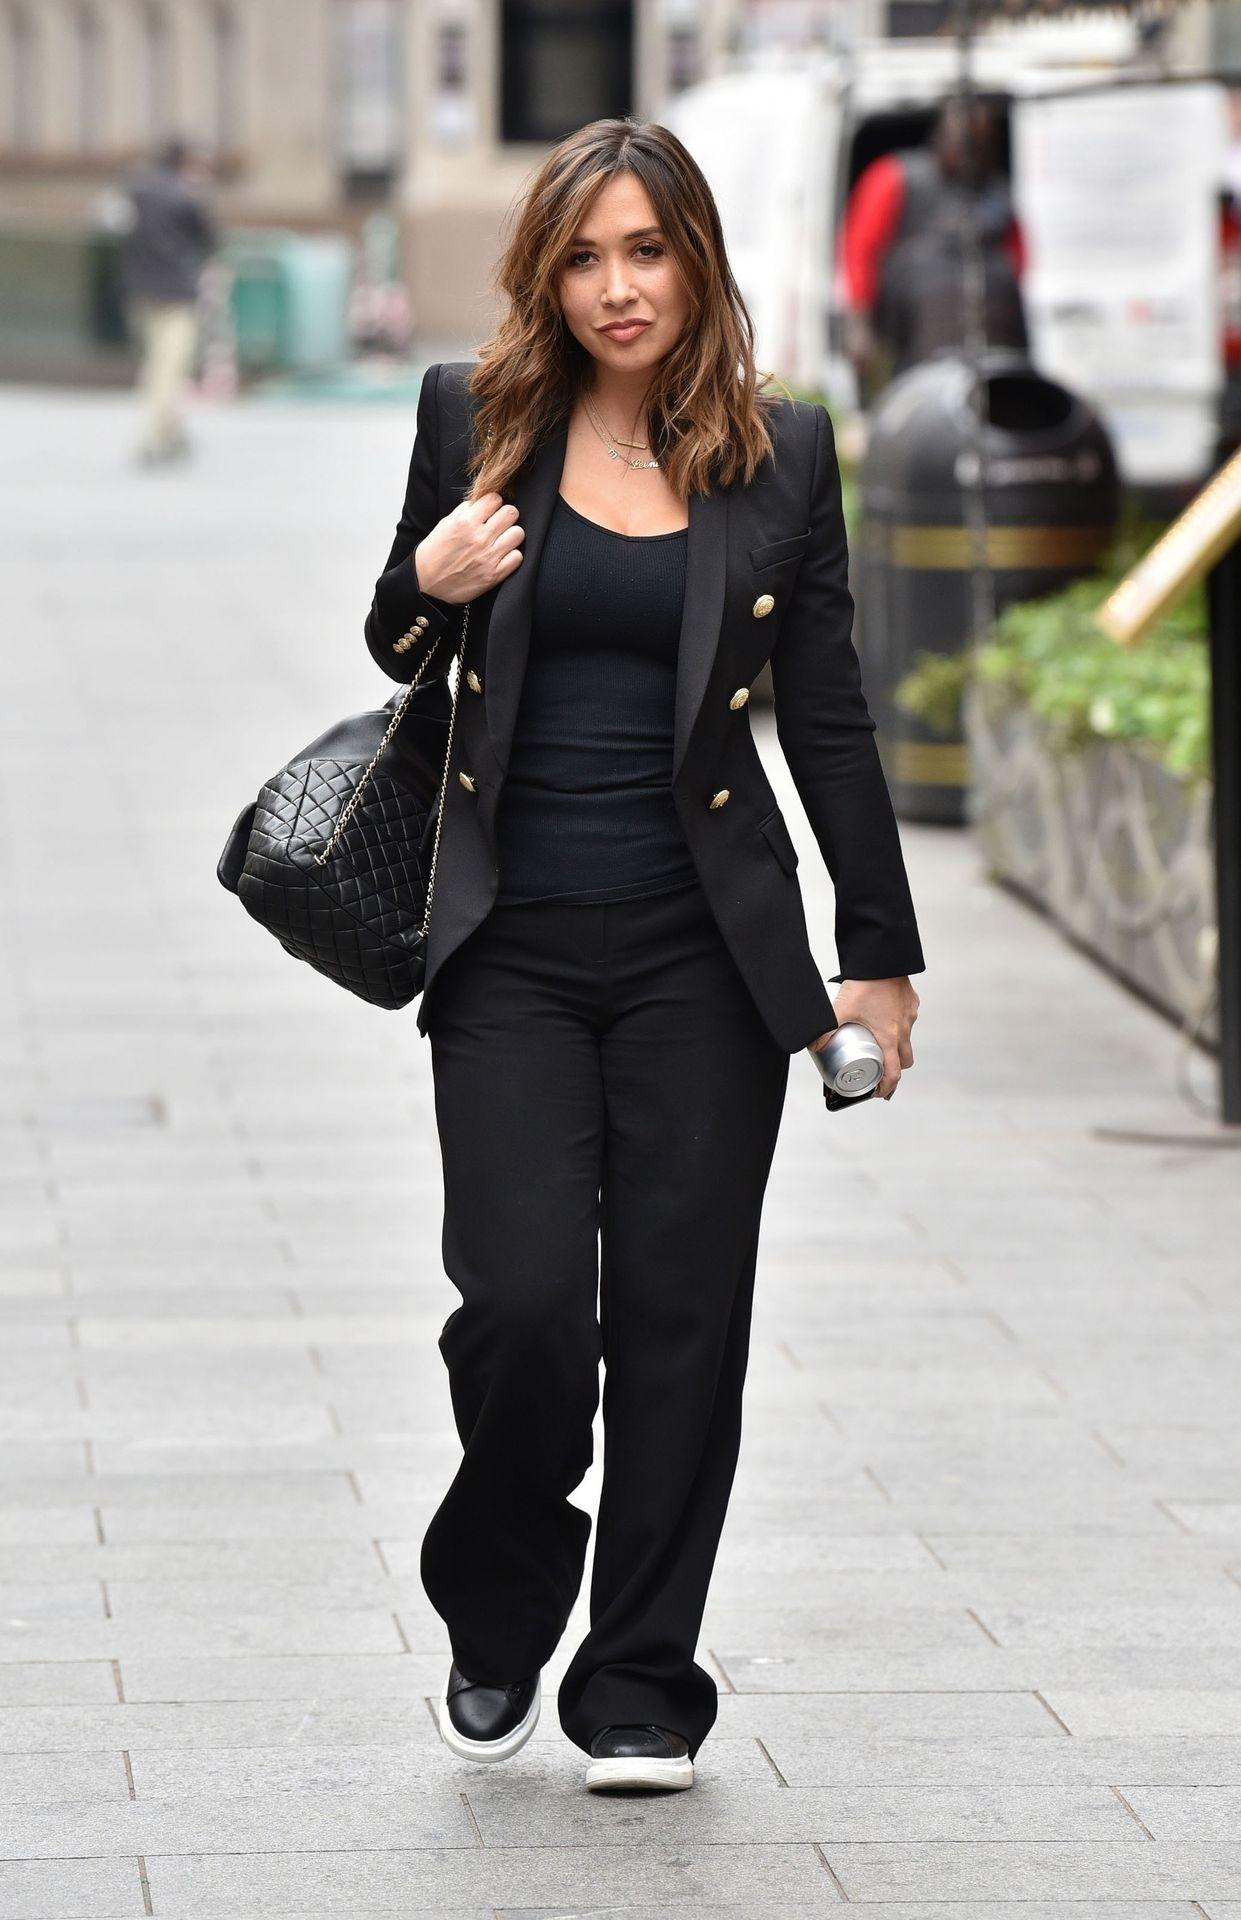 Myleene Klass Looks Hot In All Black In London 0004